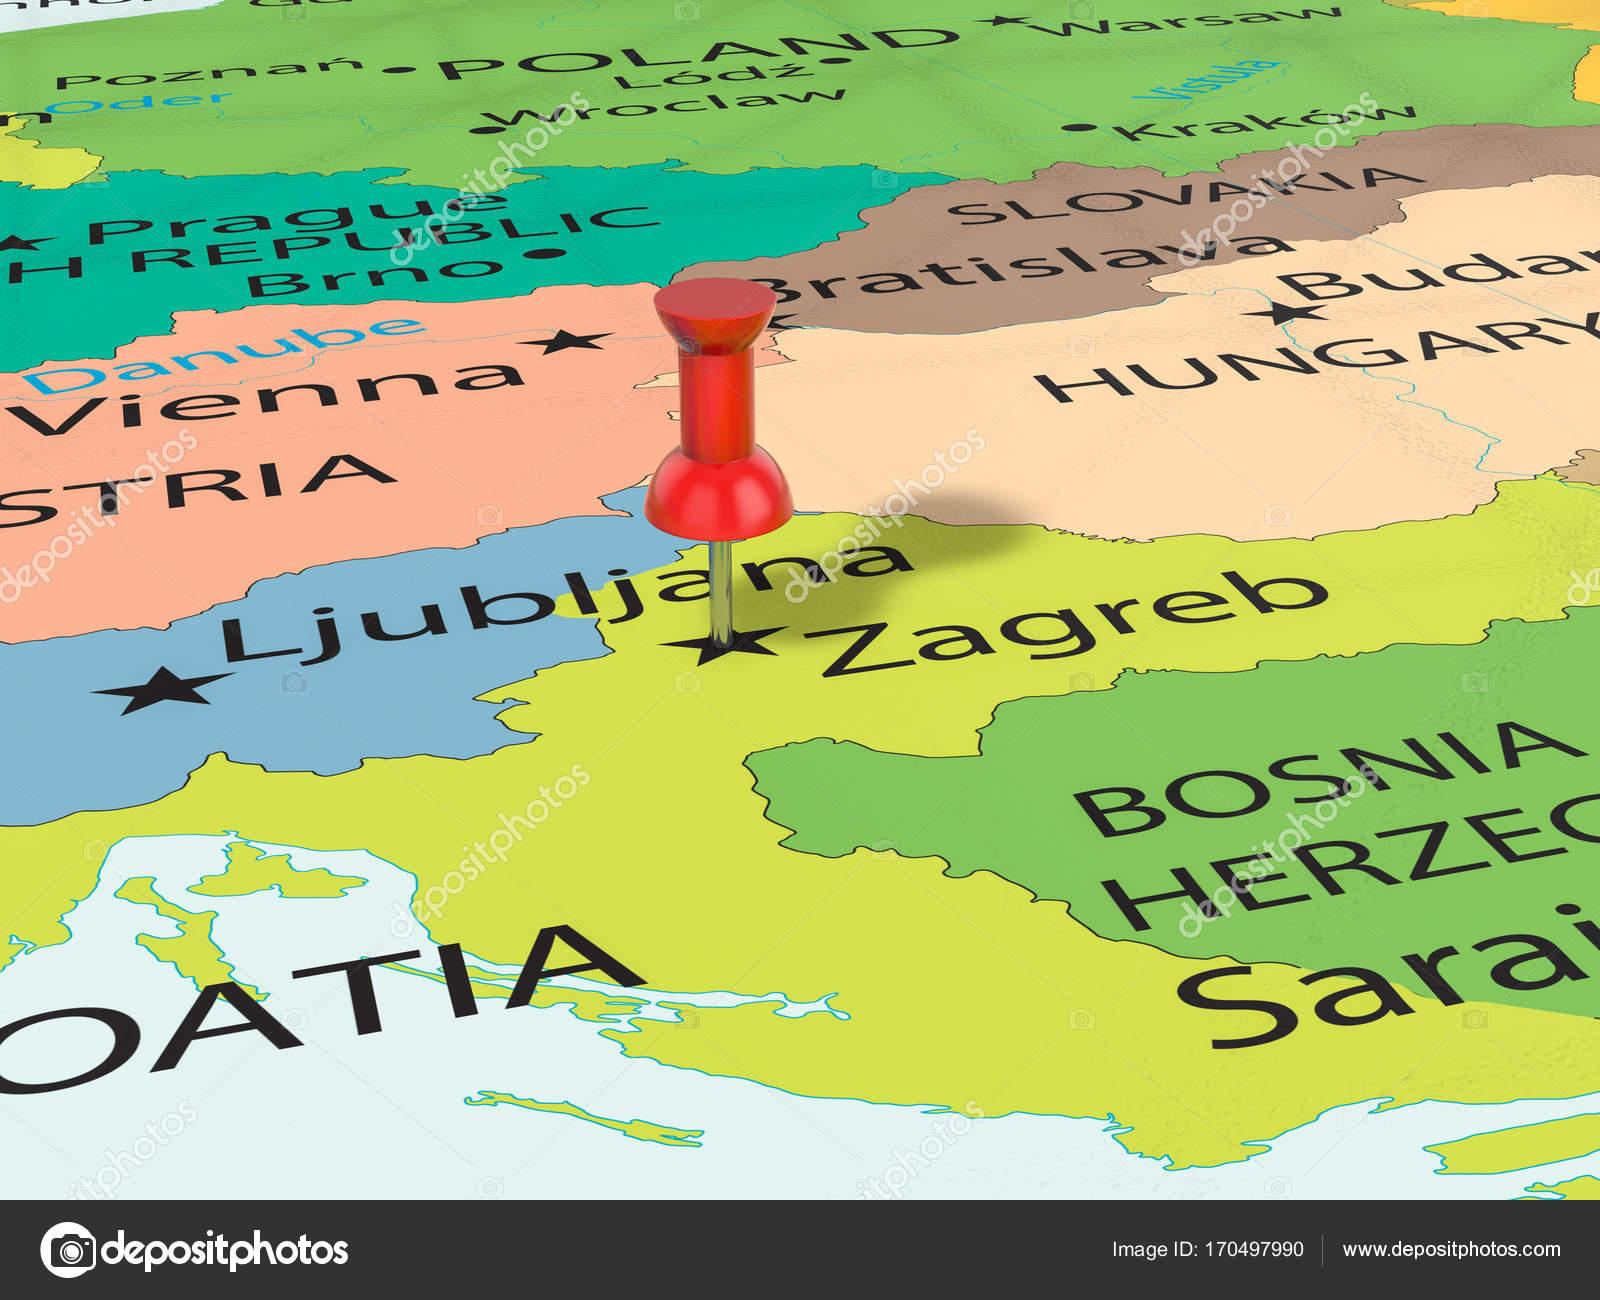 zágráb térkép Rajzszög Zágráb Térkép — Stock Fotó © julydfg #170497990 zágráb térkép